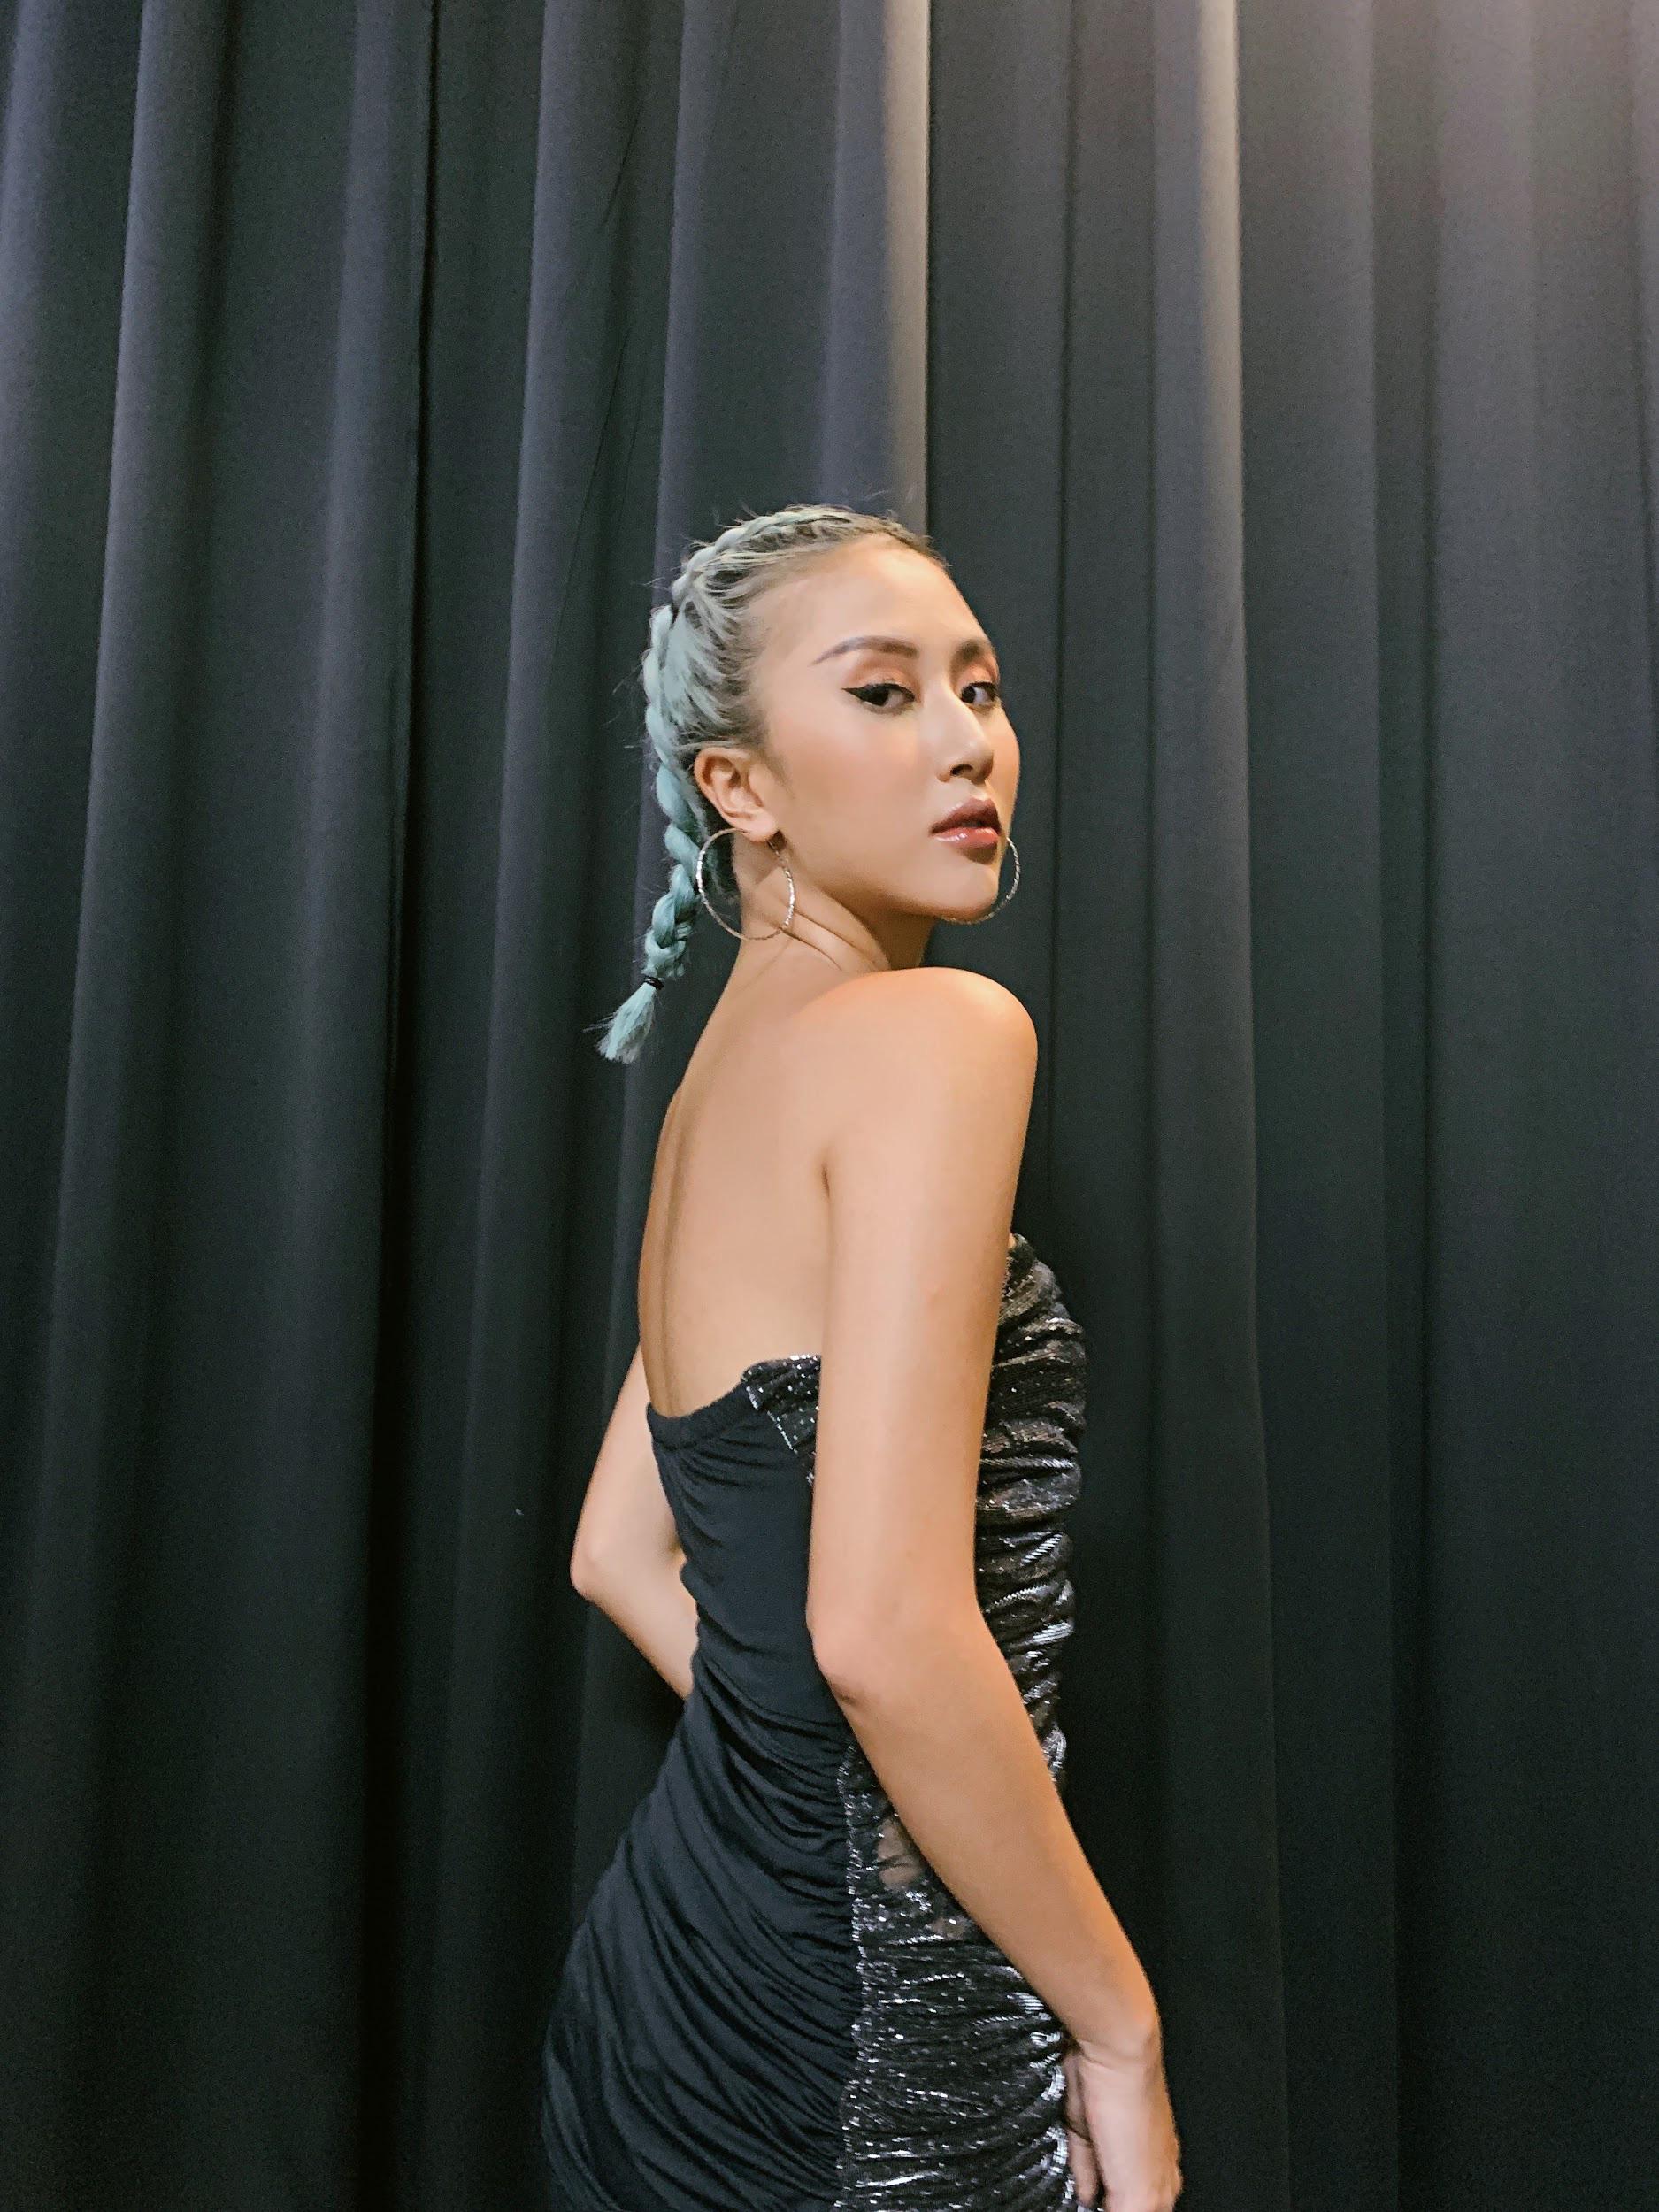 Đầu tư khủng không kém gì váy áo chính là kiểu tóc của dàn mỹ nhân Việt: Tẩy, uốn, vuốt keo, đính phụ kiện đều đủ cả - Ảnh 2.